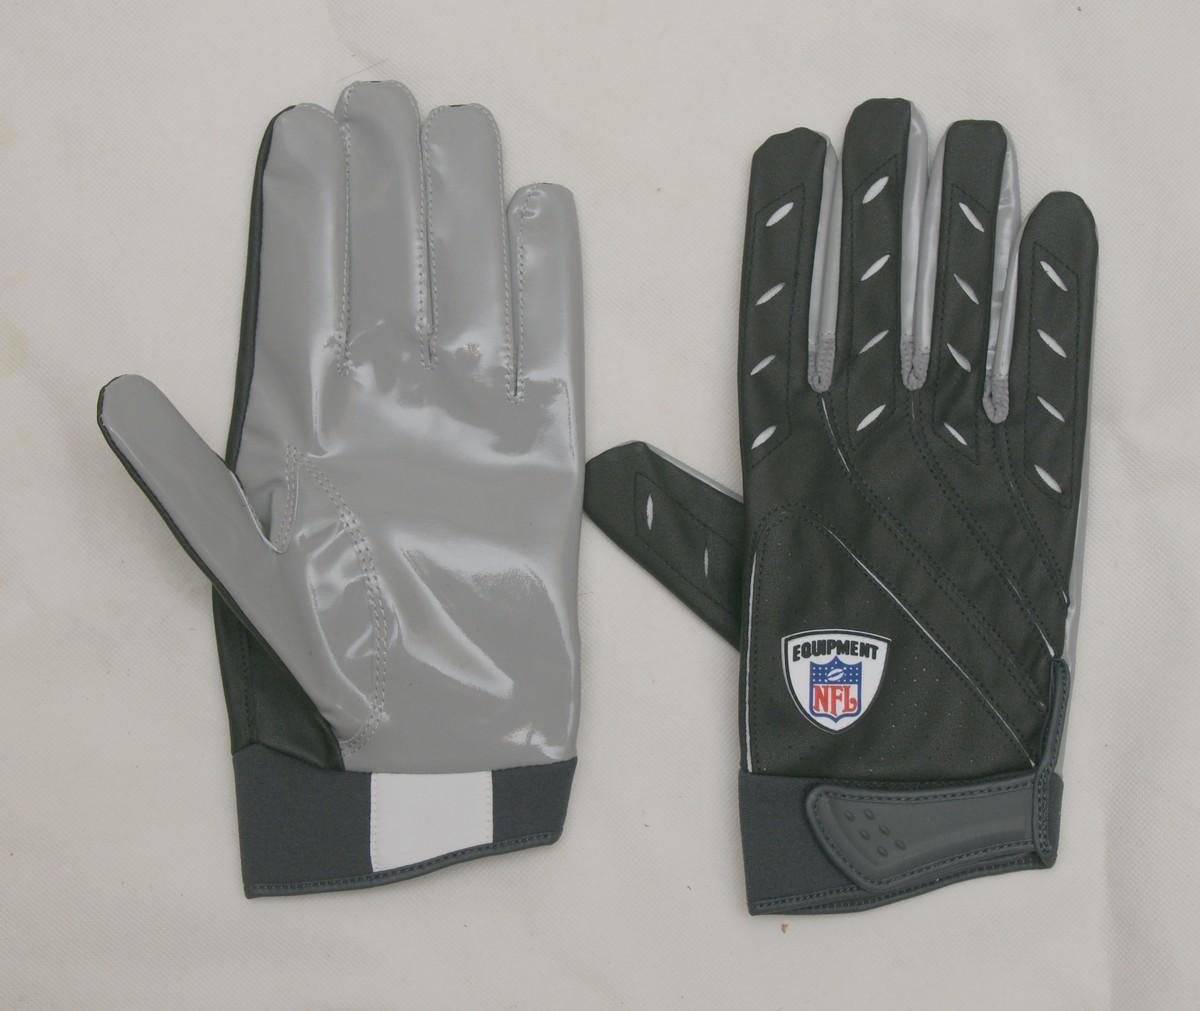 Американский регби перчатки см. введение больше заказ большой двор регби перчатки